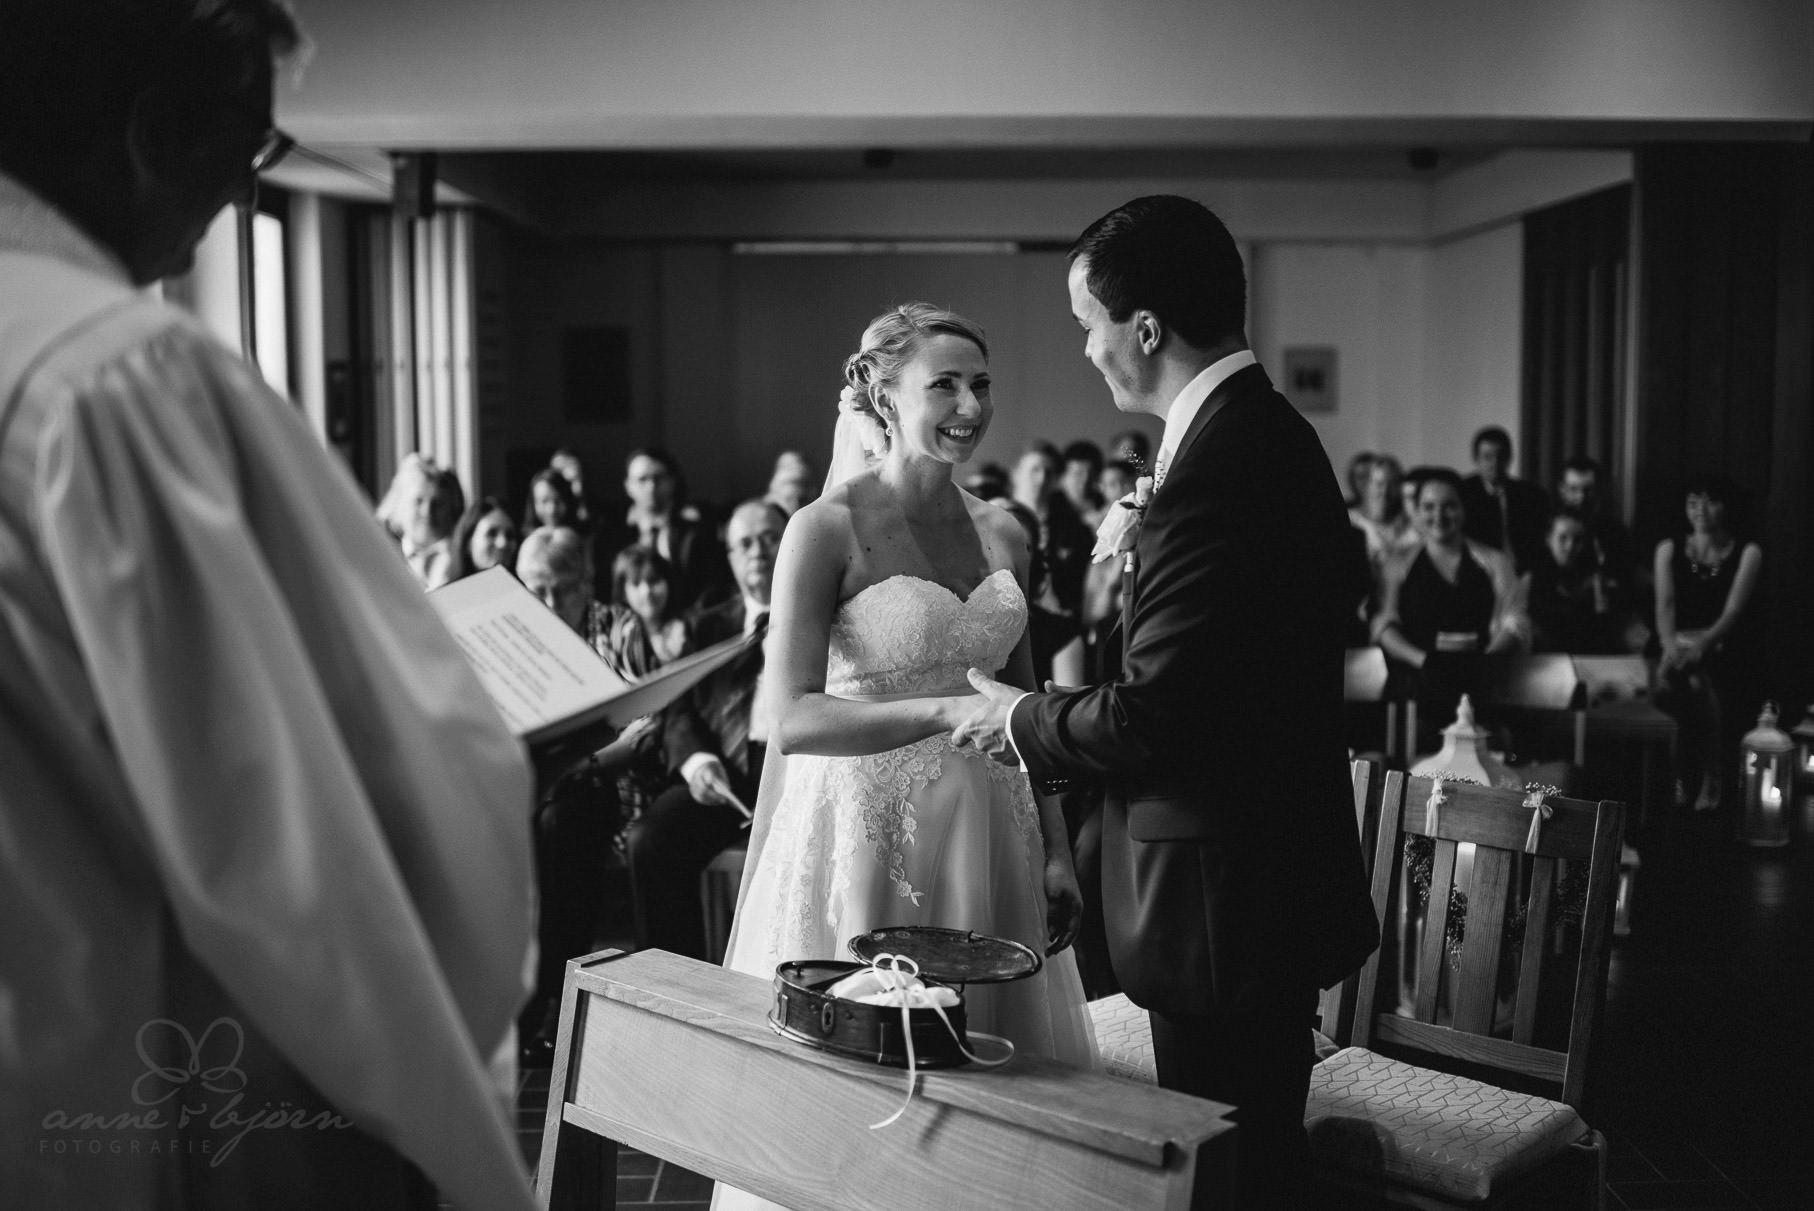 0023 euo 812 0420 - Hochzeit im Schloss Reinbek - Elvira & Olaf